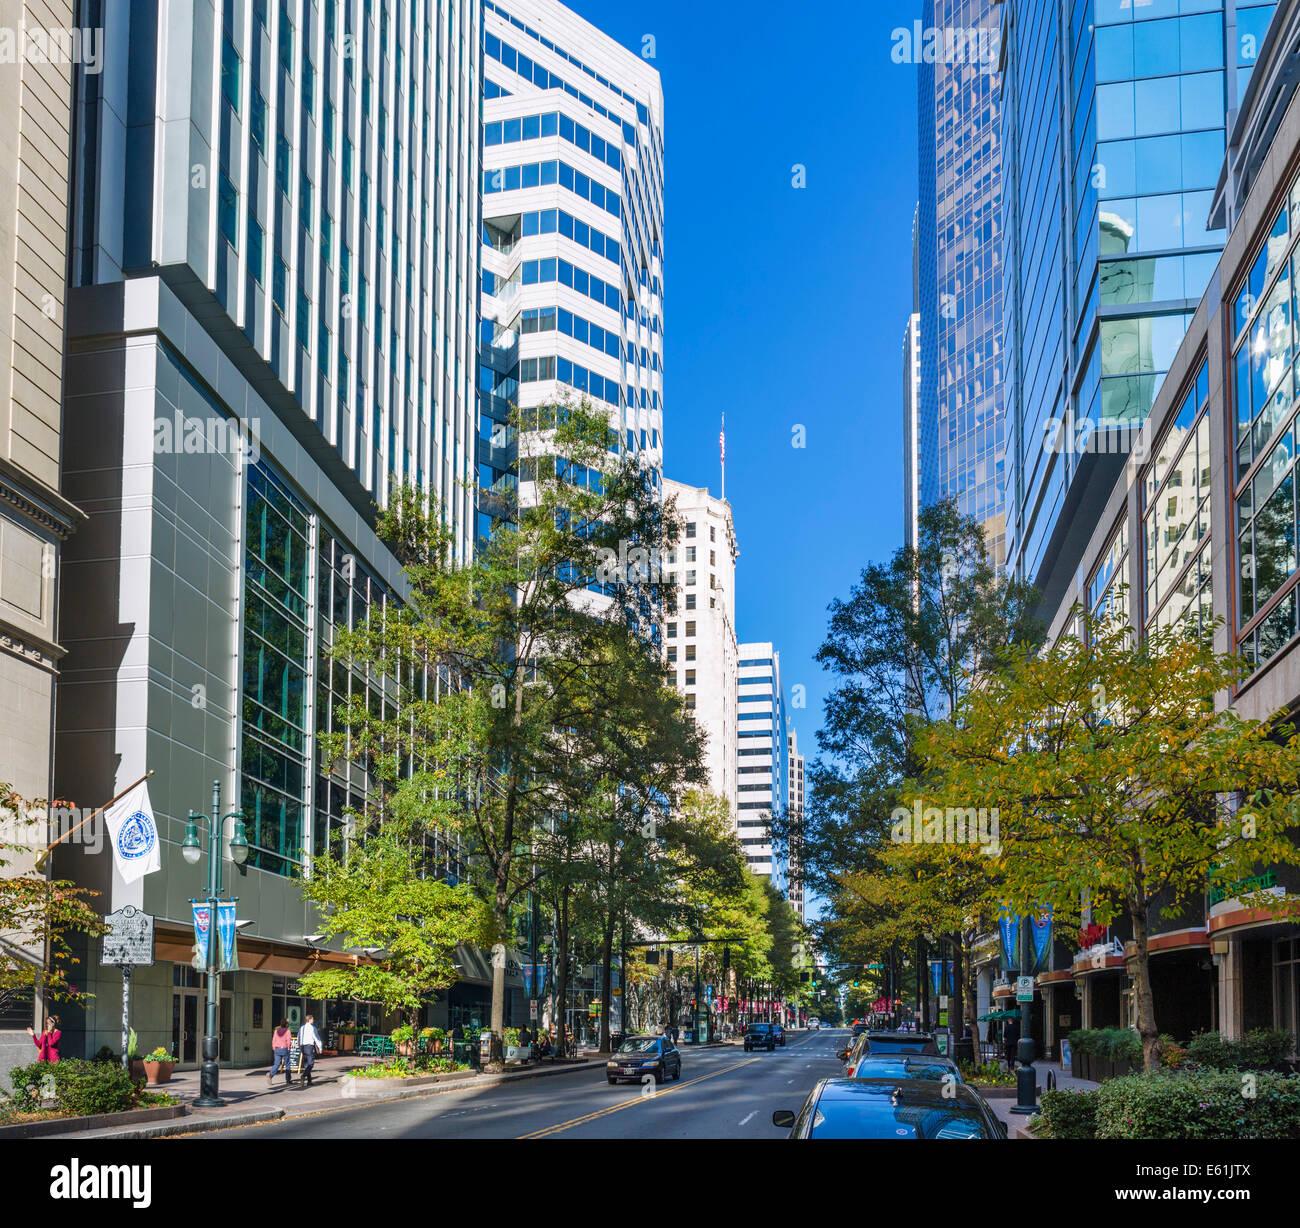 Edificios de oficinas en North Tryon Street, en la zona residencial de Charlotte, Carolina del Norte, EE.UU. Imagen De Stock